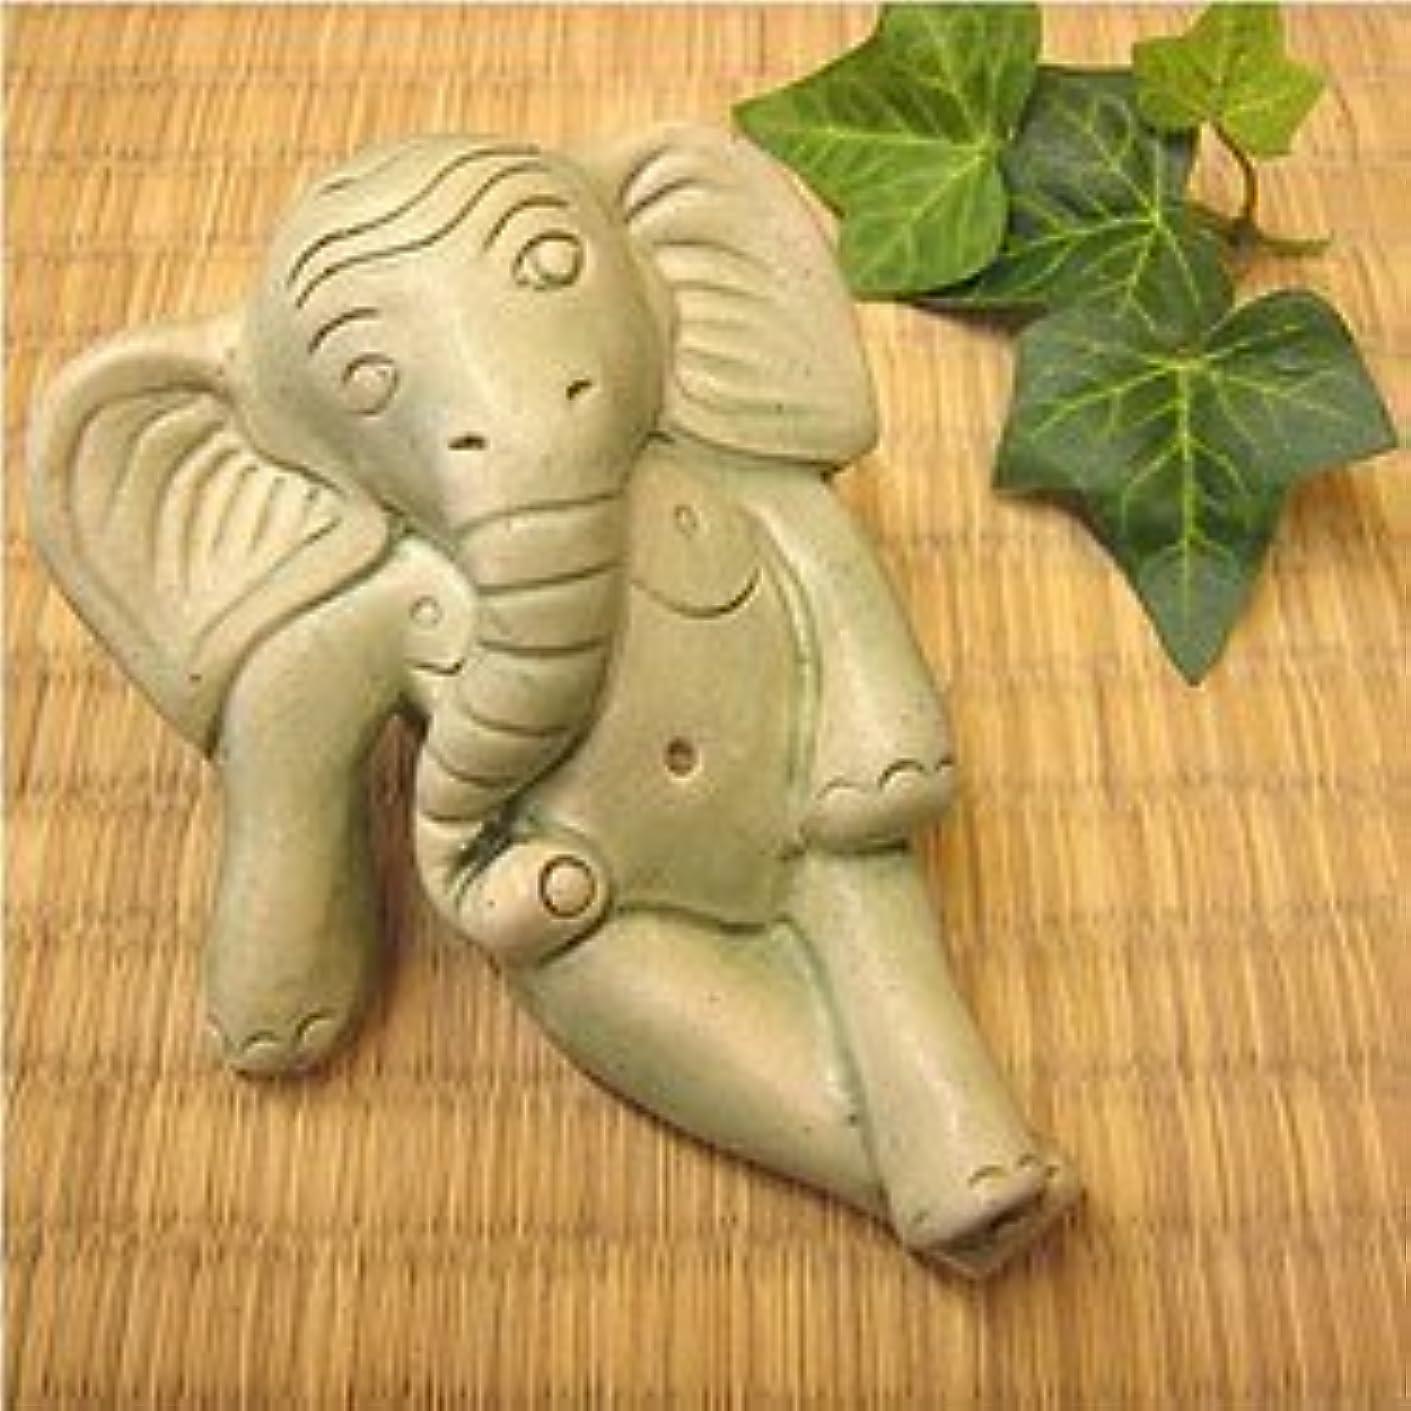 リーズメッシュ成功タバナン焼 象さん お香たて アジアン雑貨